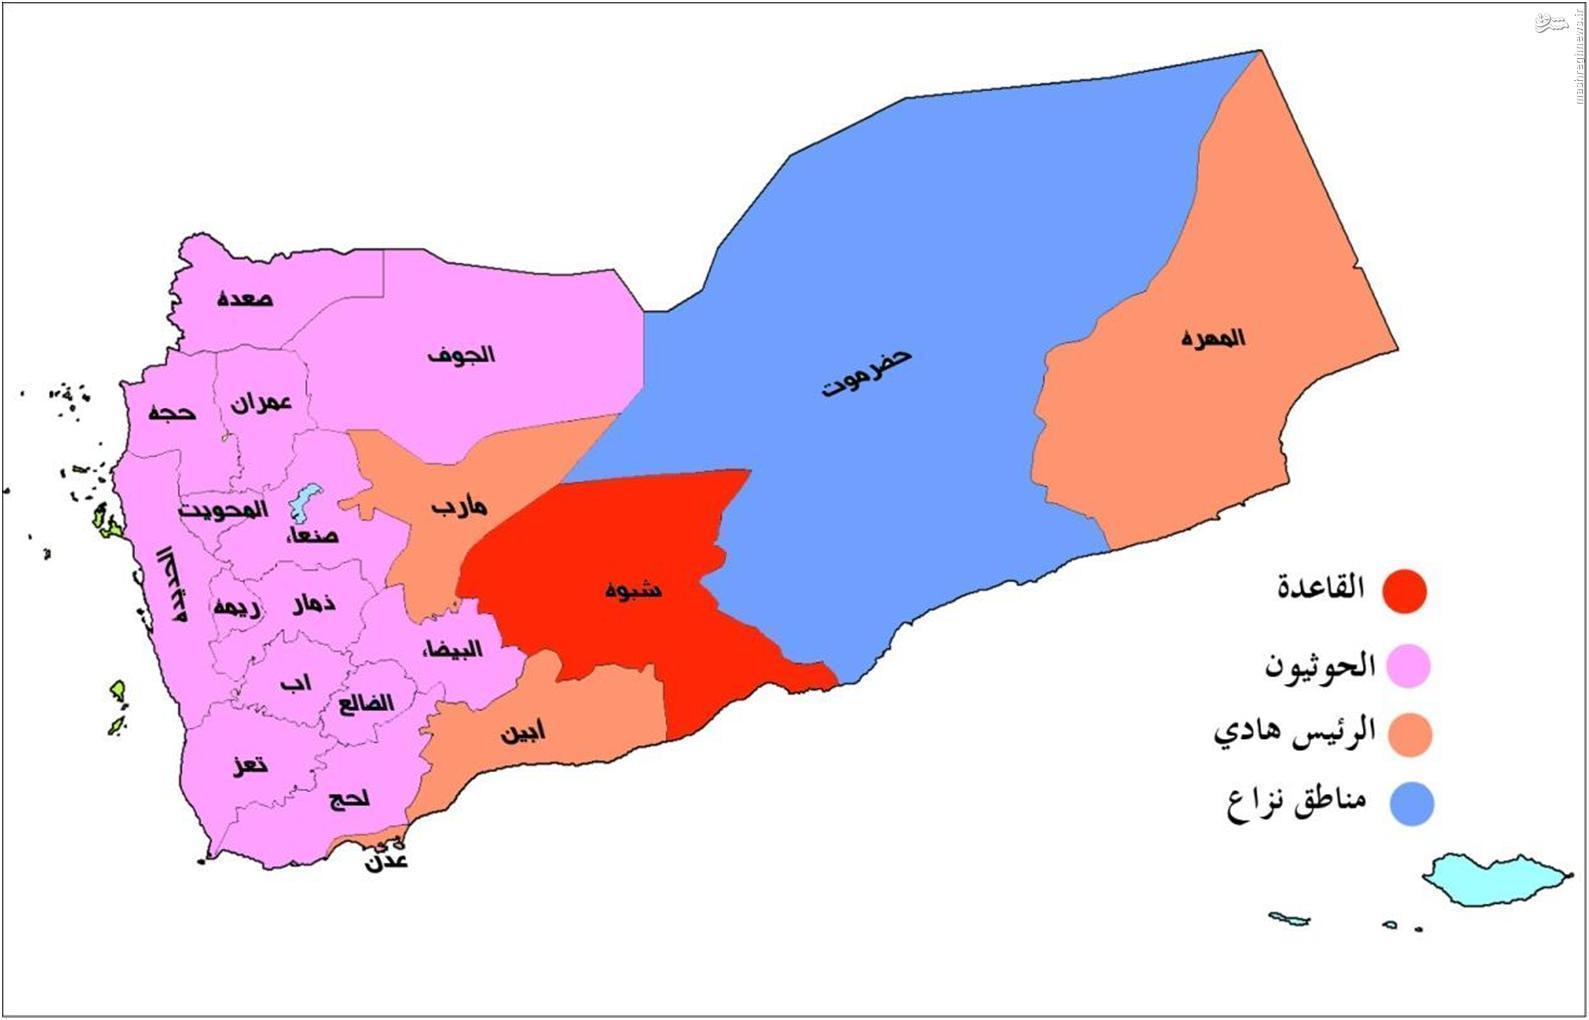 ترور ناکام فرمانده مزدوران هادی در جنوب یمن+عکس